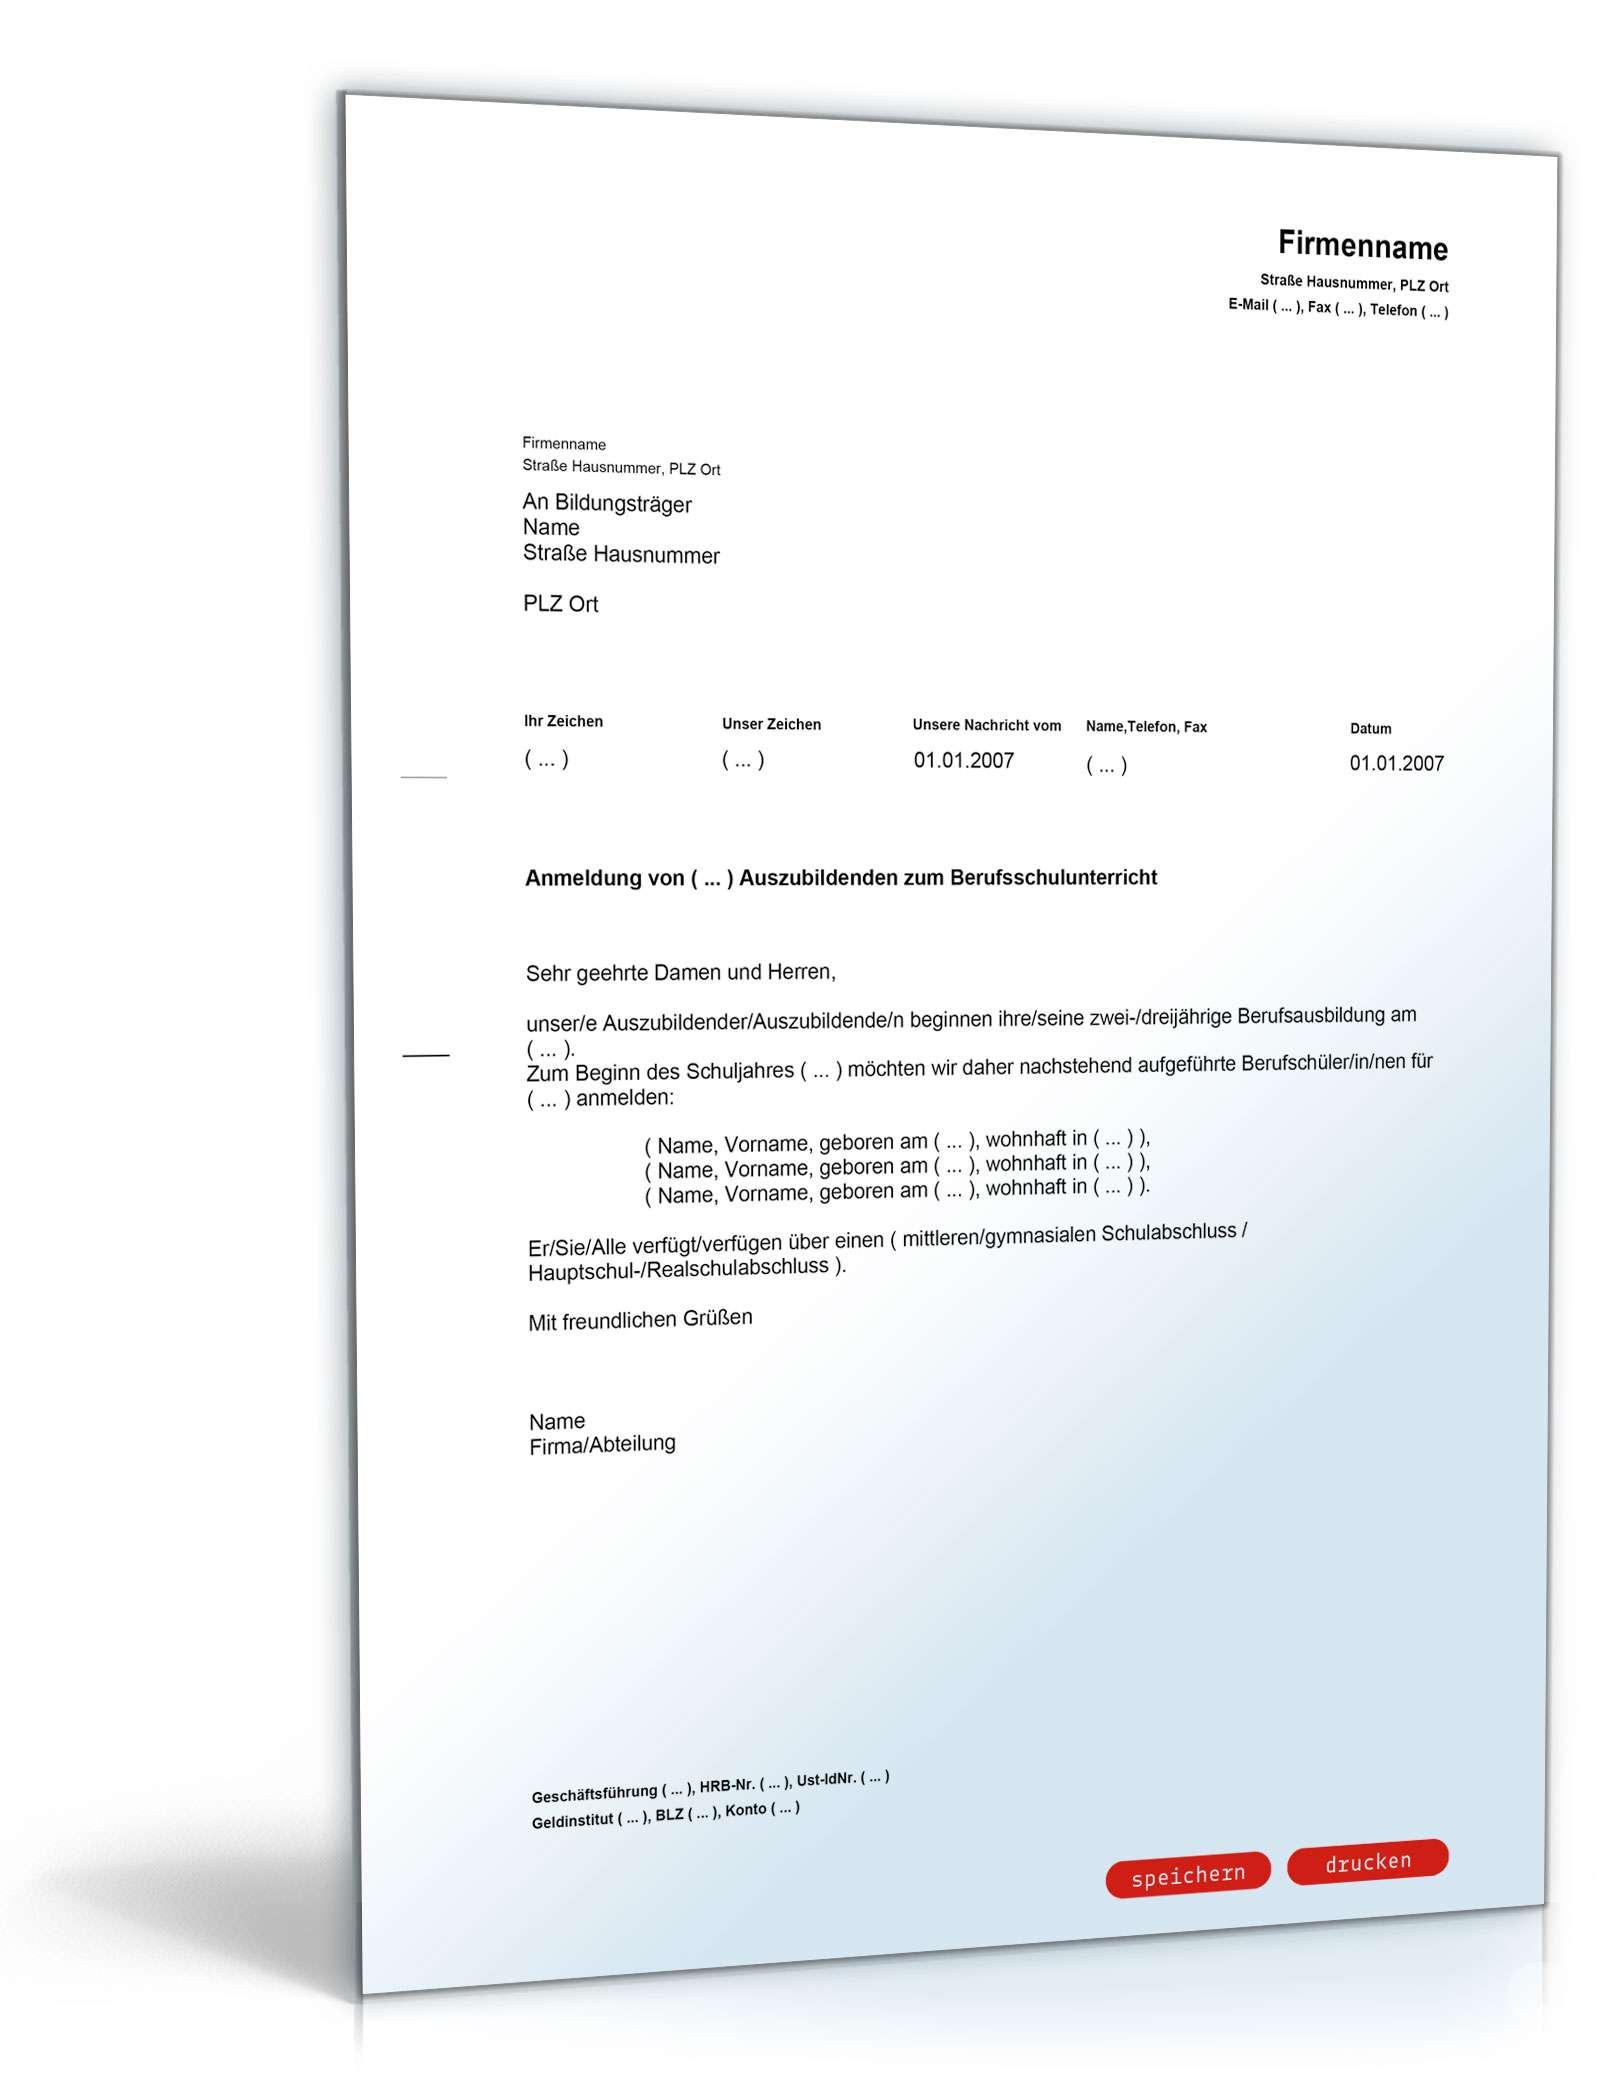 Anmeldung eines Azubi zur Berufsschule - Muster-Vorlage zum Download